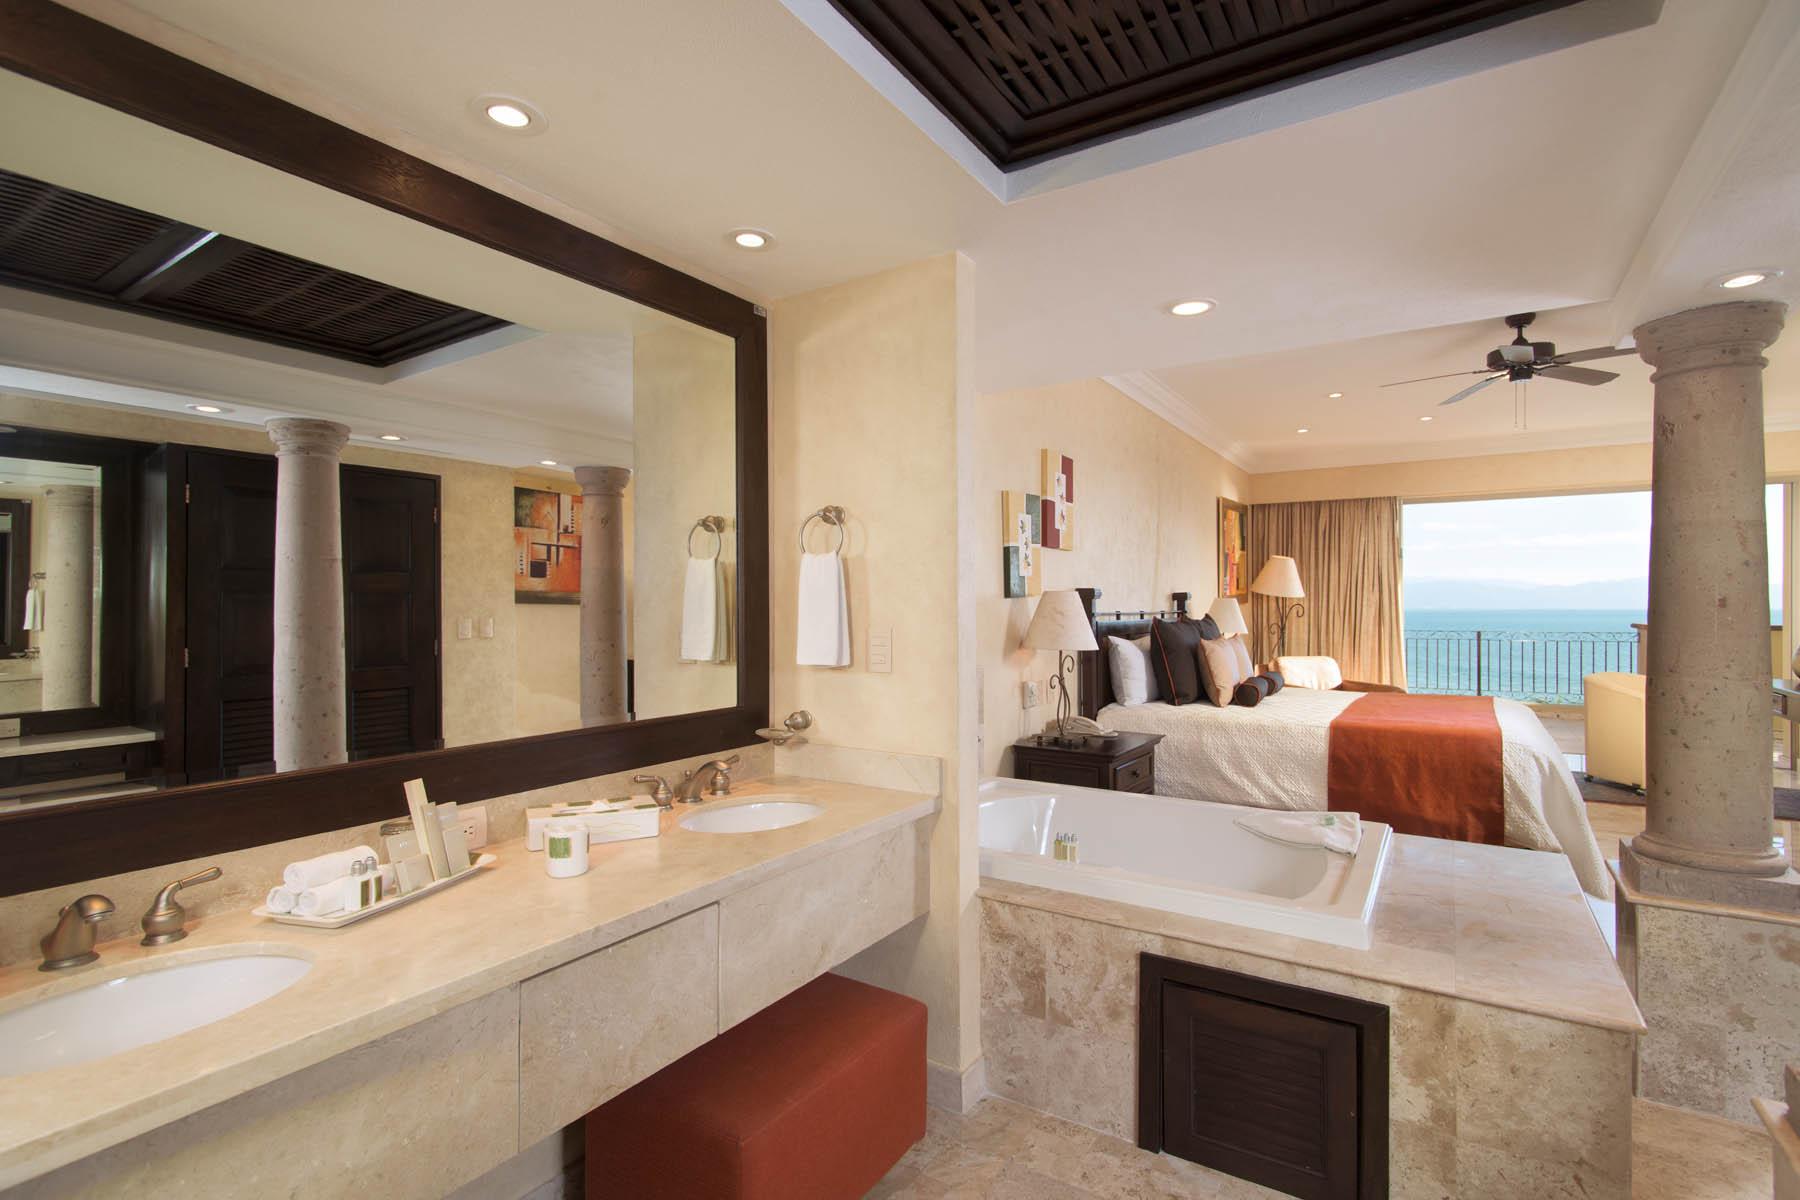 Villa la estancia riviera nayarit presidential three bedroom suite 4